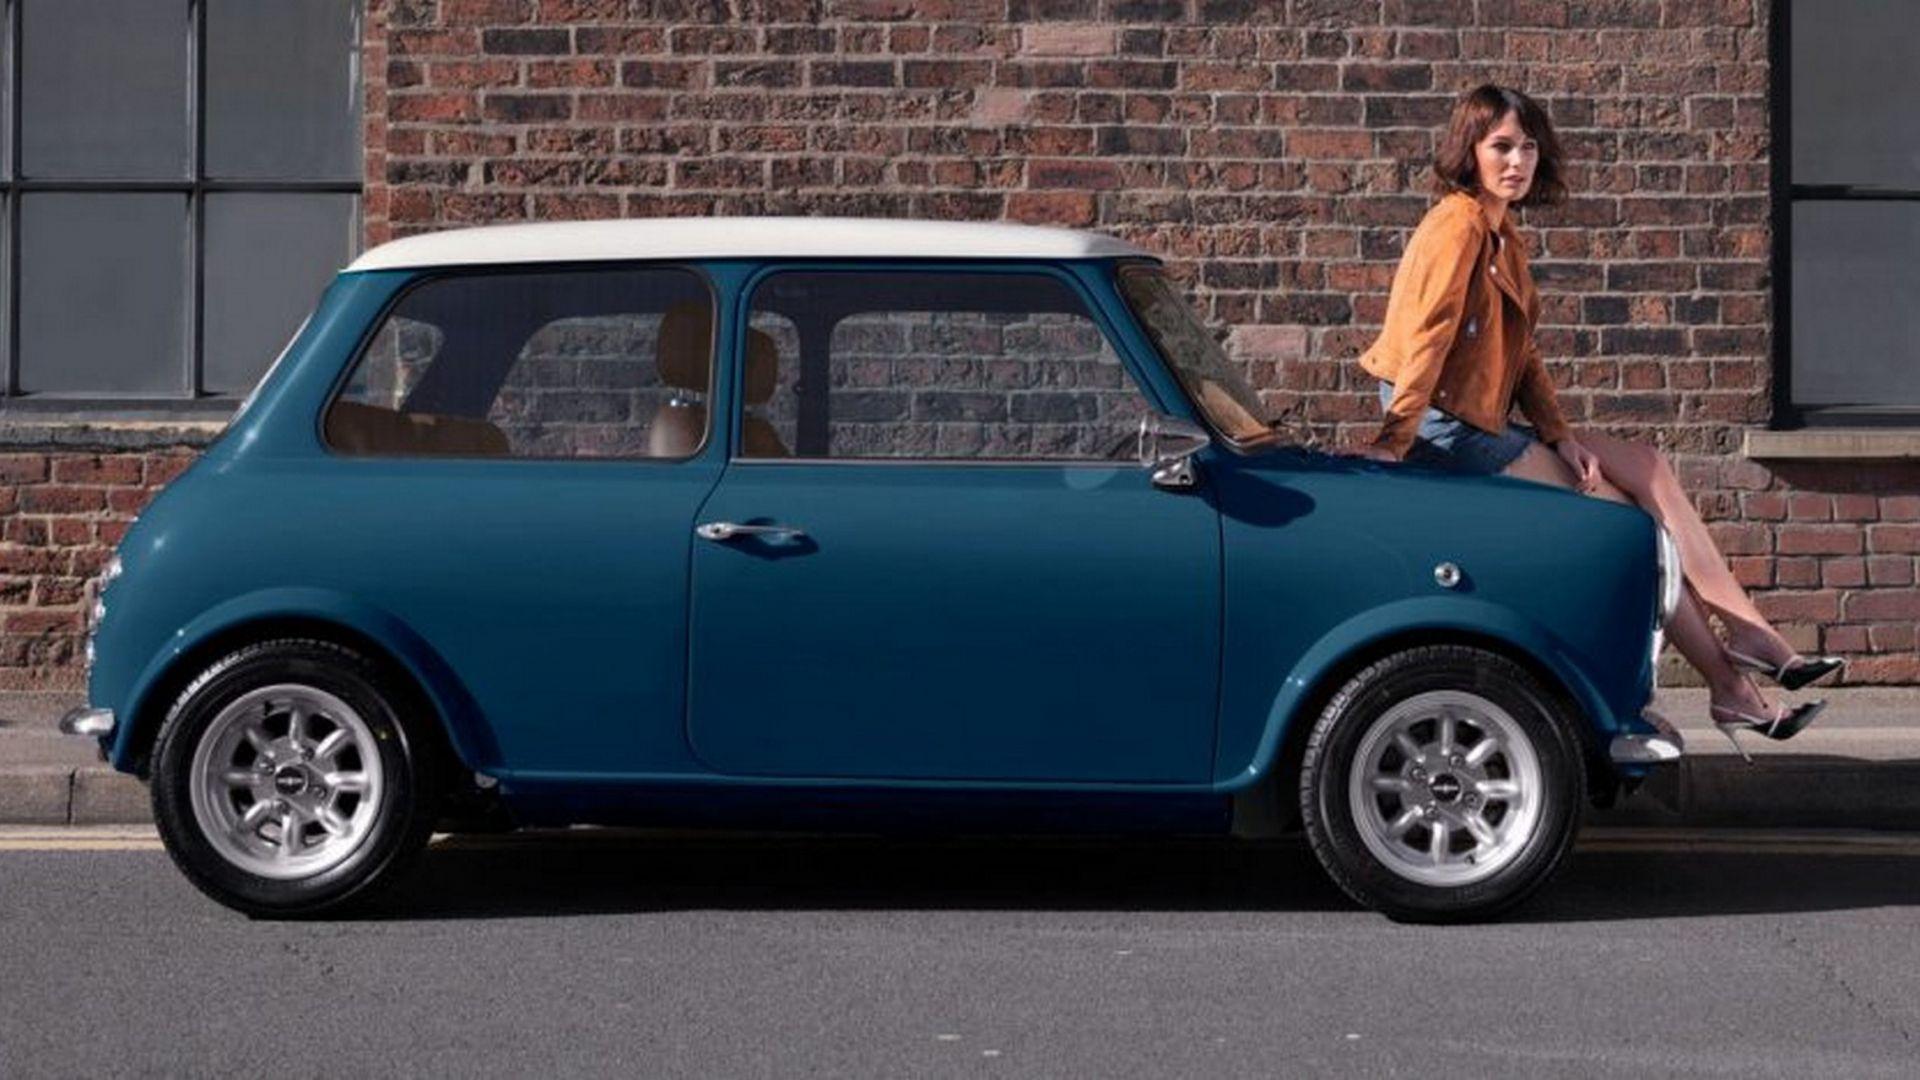 Mini Cooper Car >> Auto d'epoca - Mini Remastered: il ritorno del mito - MotorBox